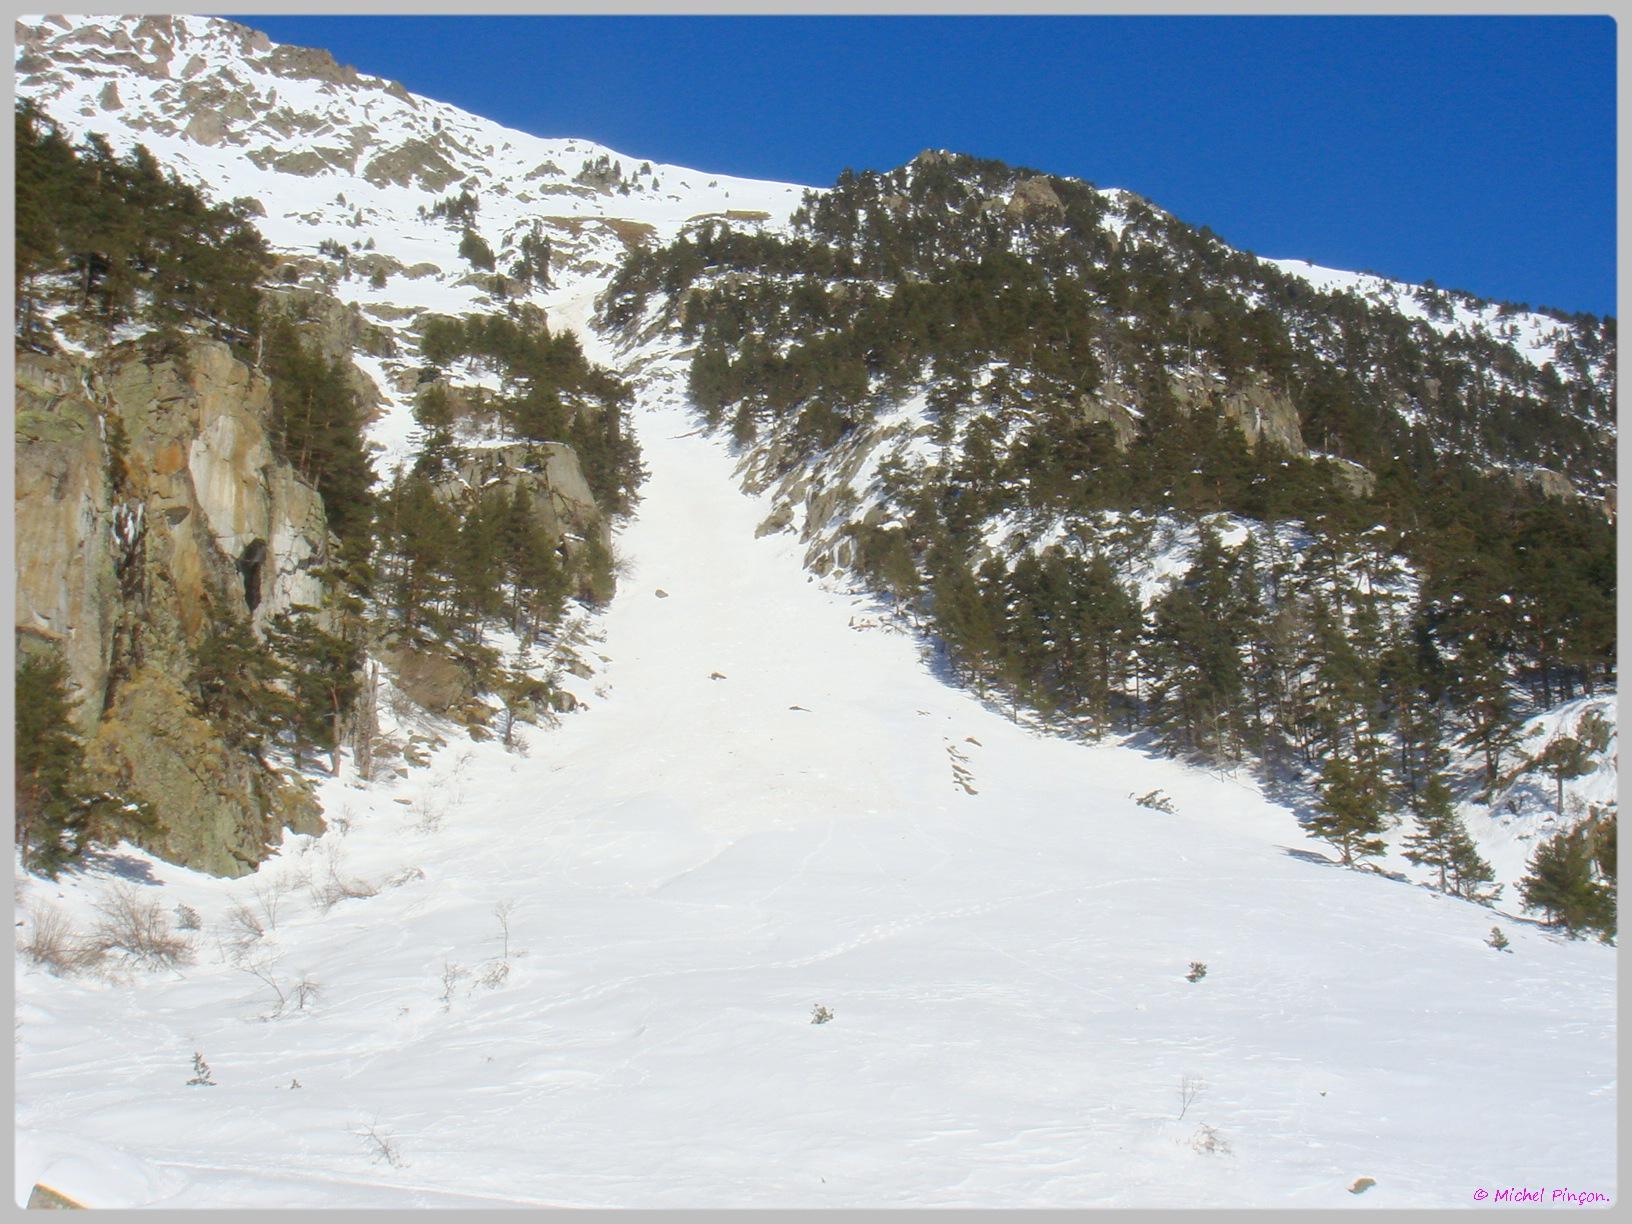 Une semaine à la Neige dans les Htes Pyrénées - Page 2 725158DSC011947